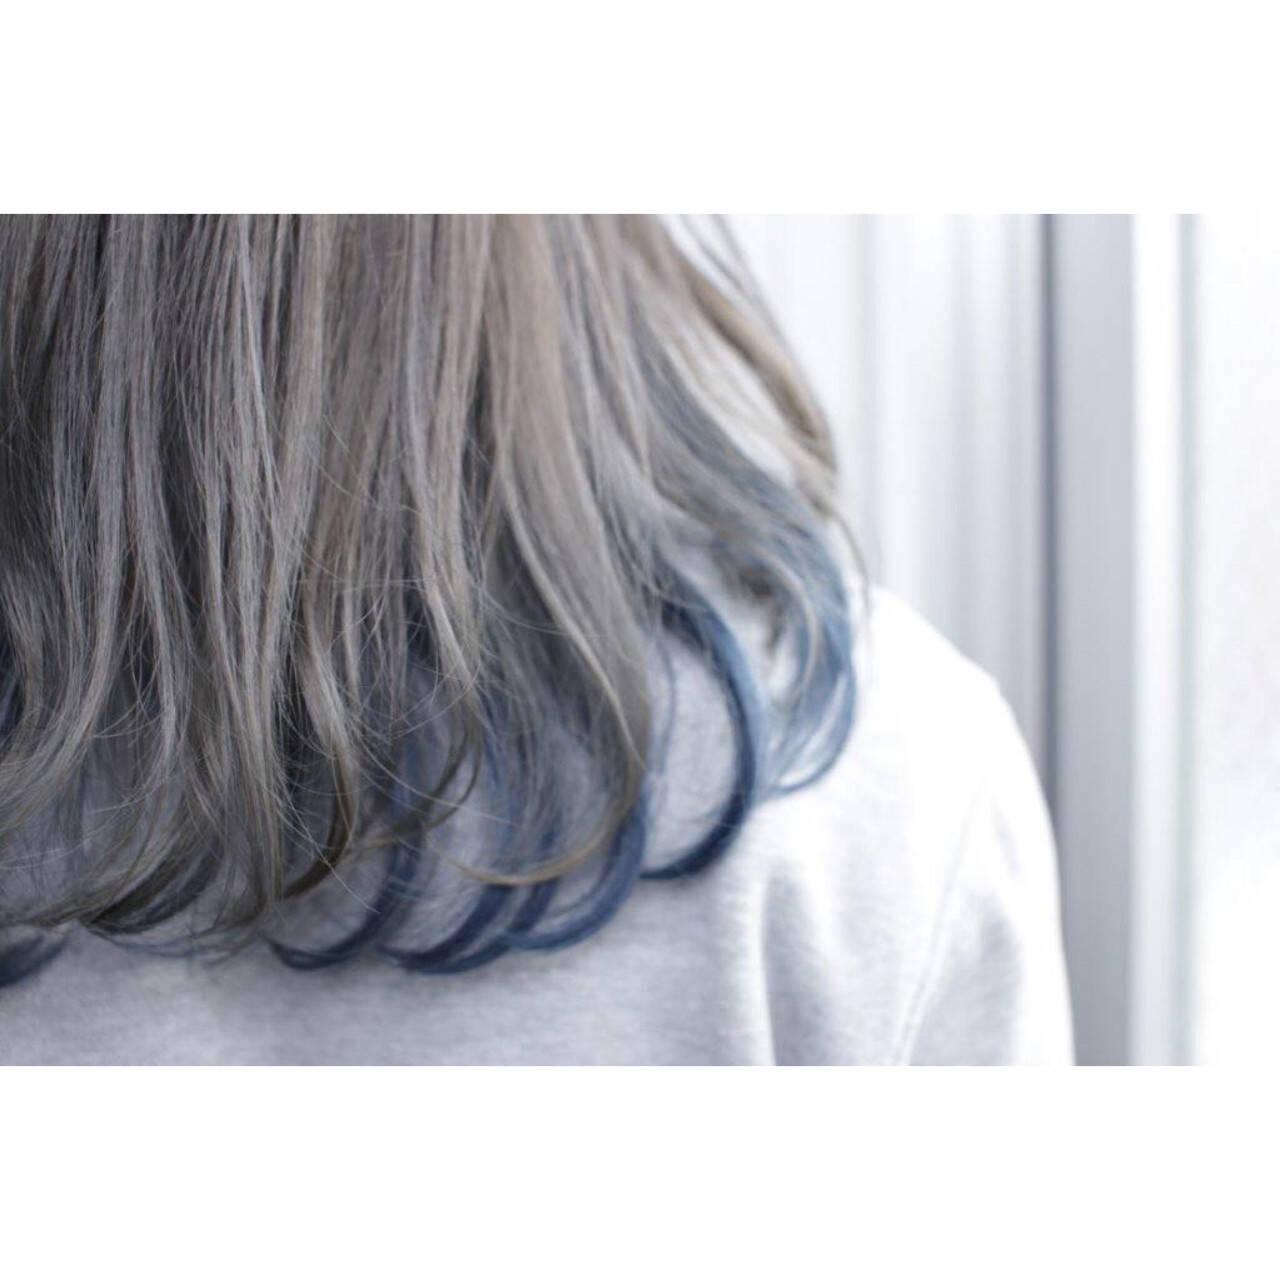 ミディアム グレー ネイビー ストリートヘアスタイルや髪型の写真・画像